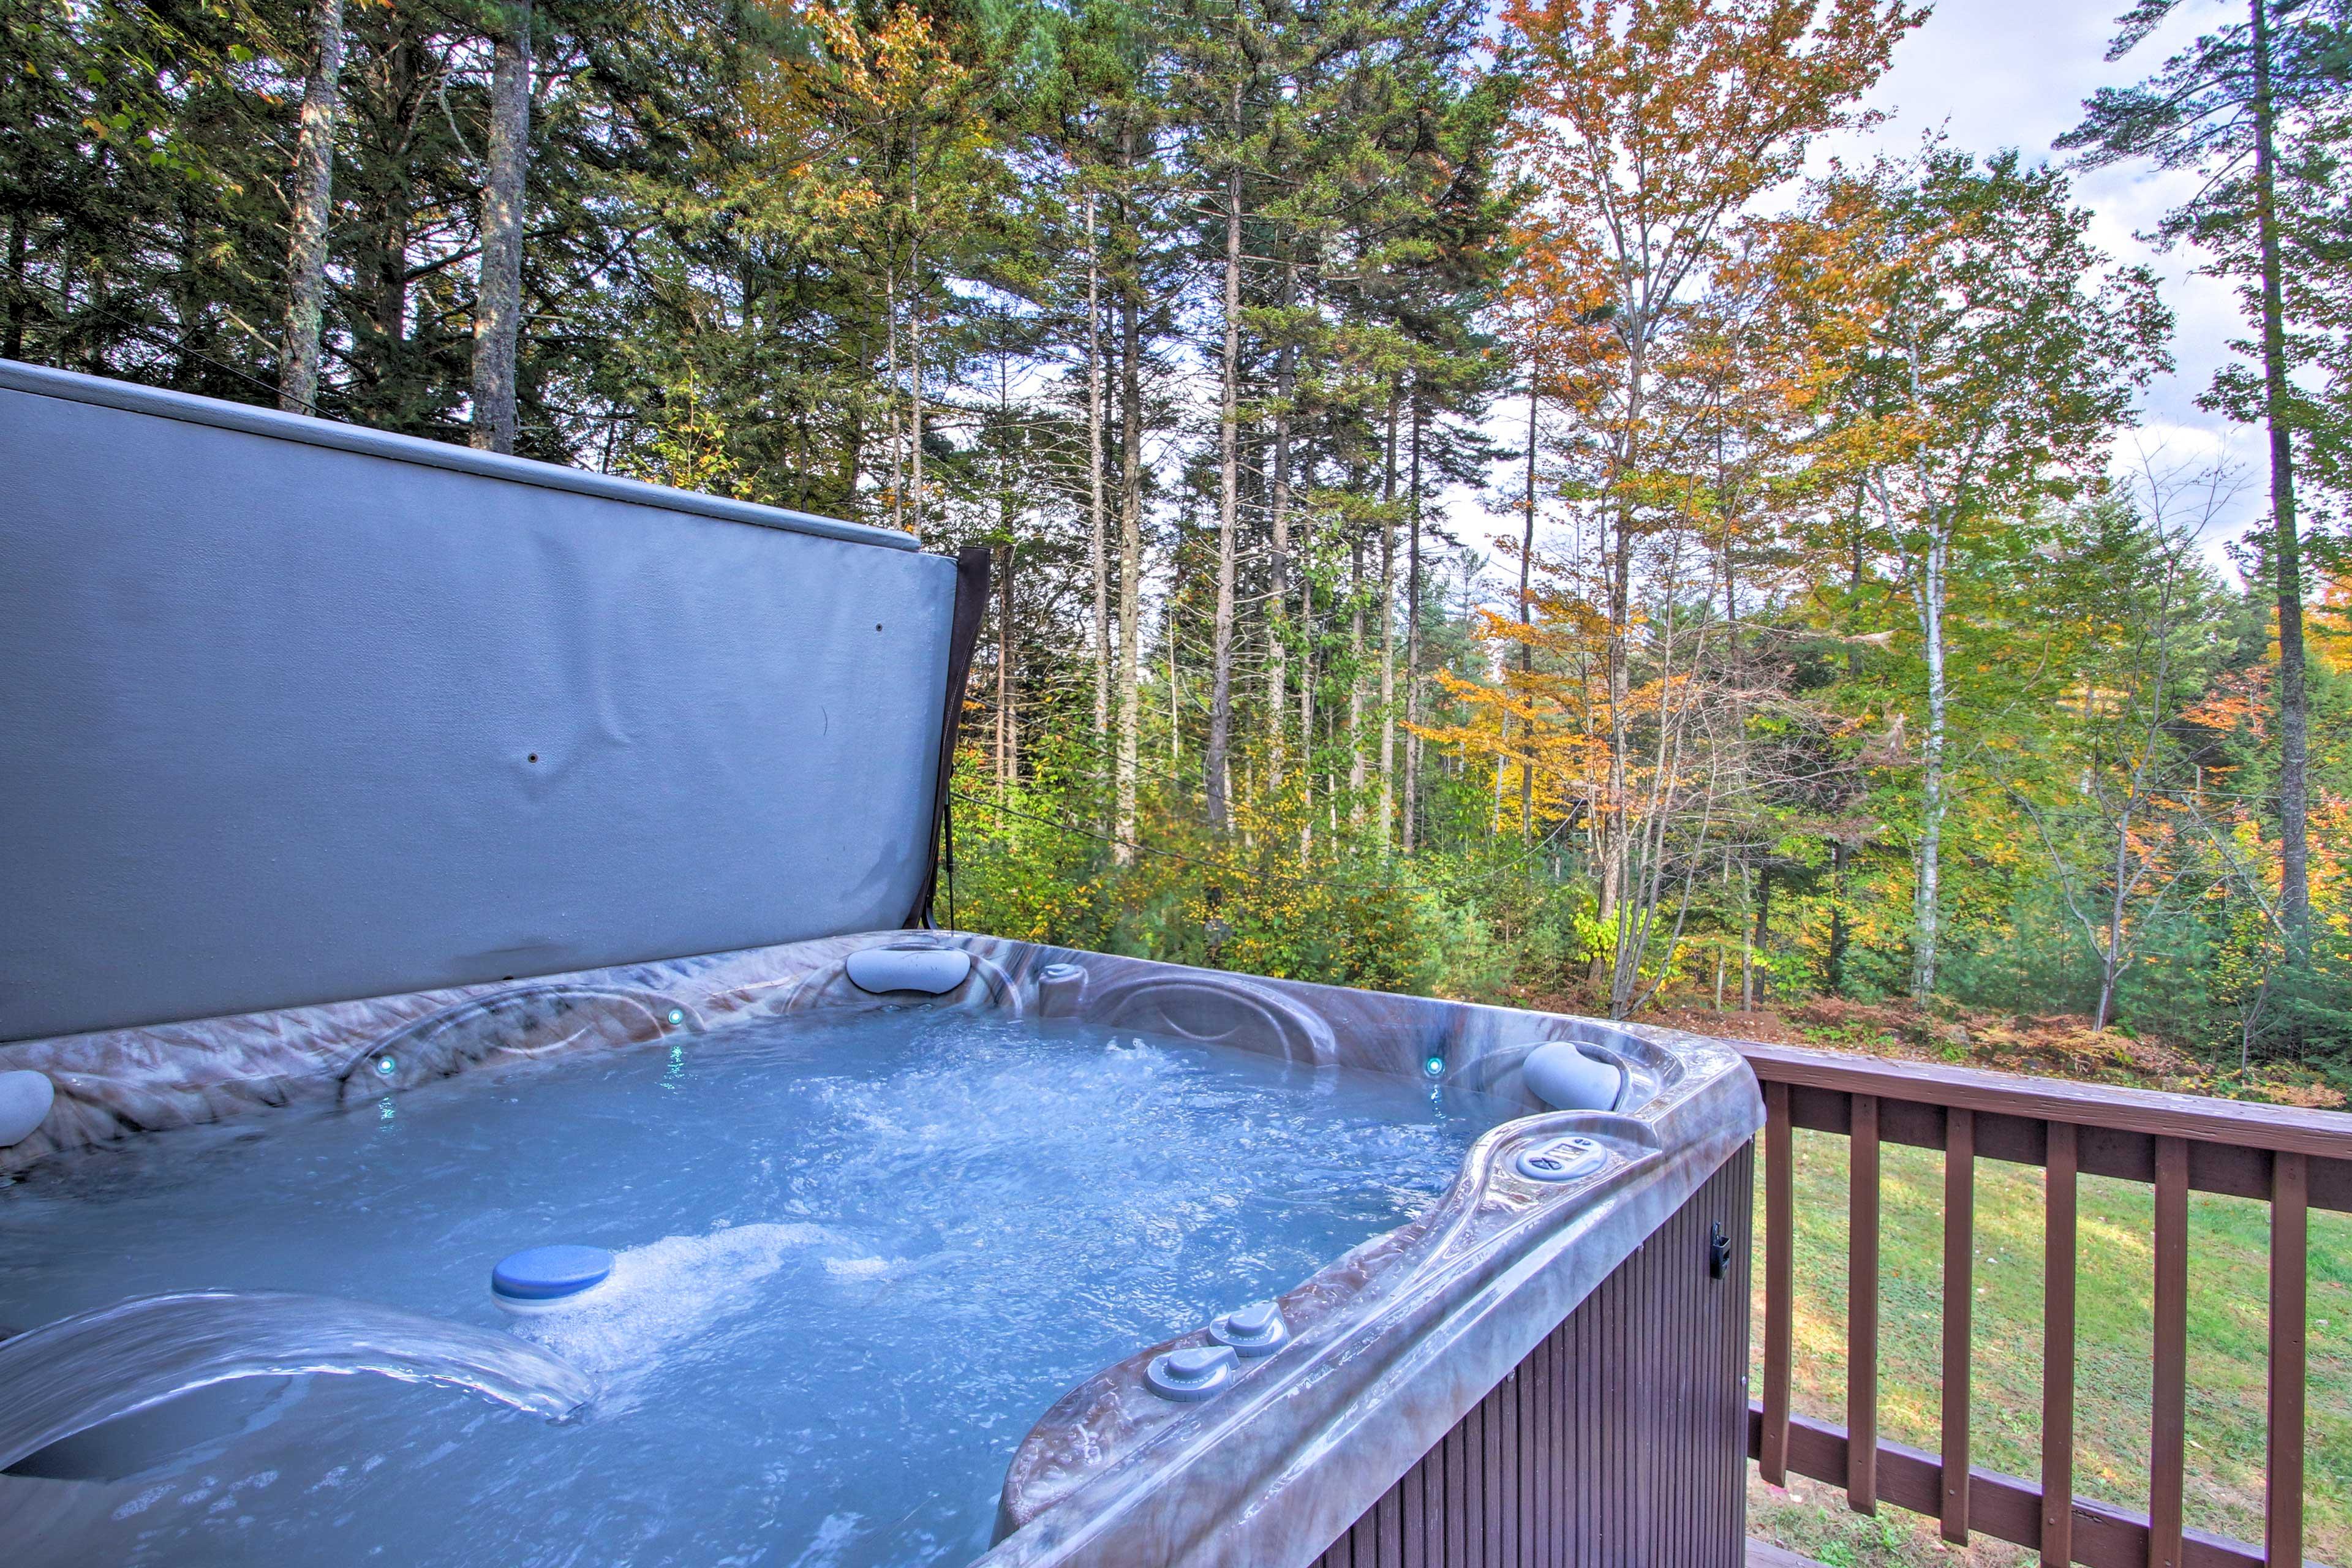 Soak your sore ski legs in the home's private 7-person hot tub!